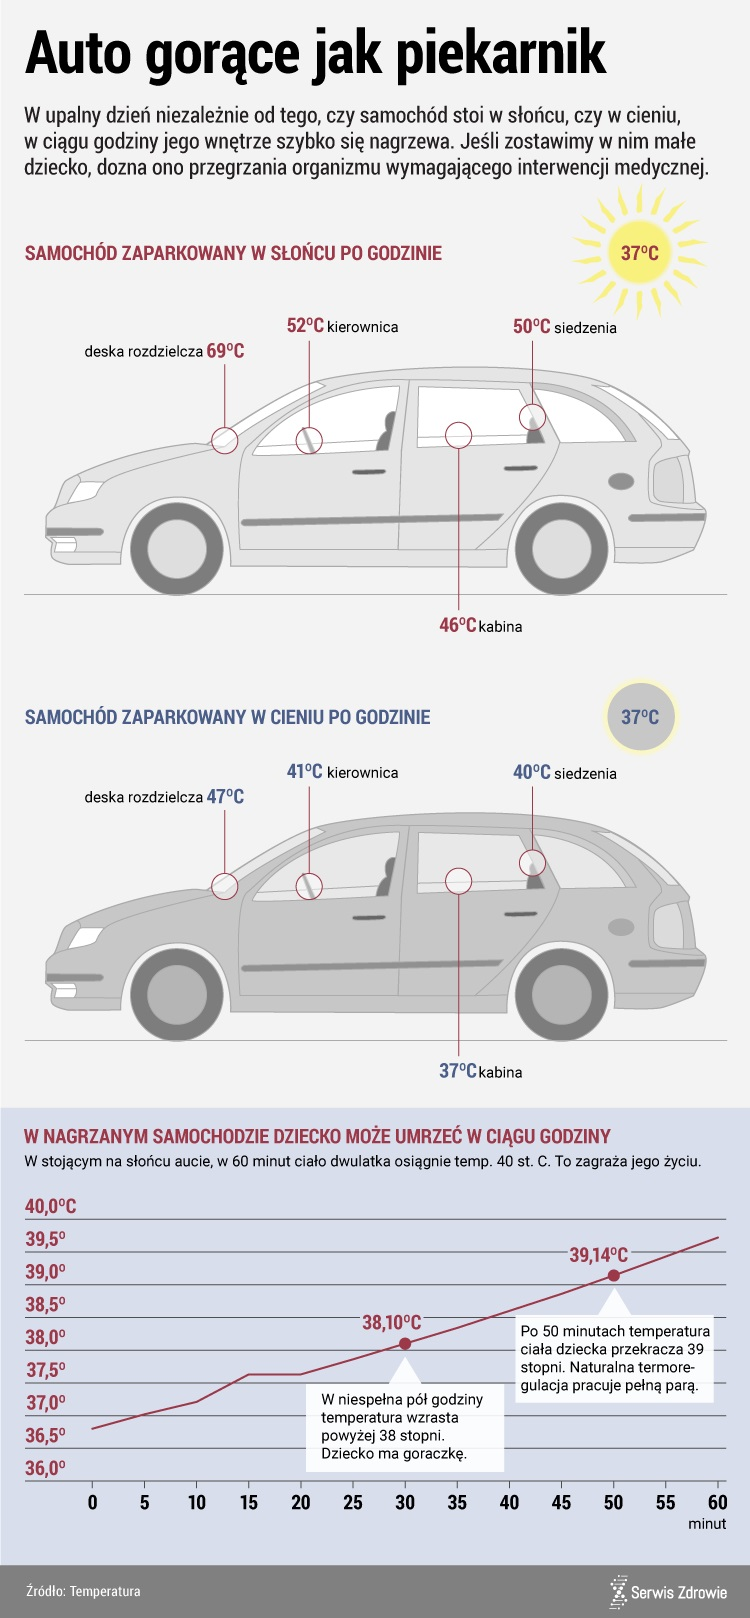 Jak szybko nagrzewają się samochody /www.zdrowie.pap.pl